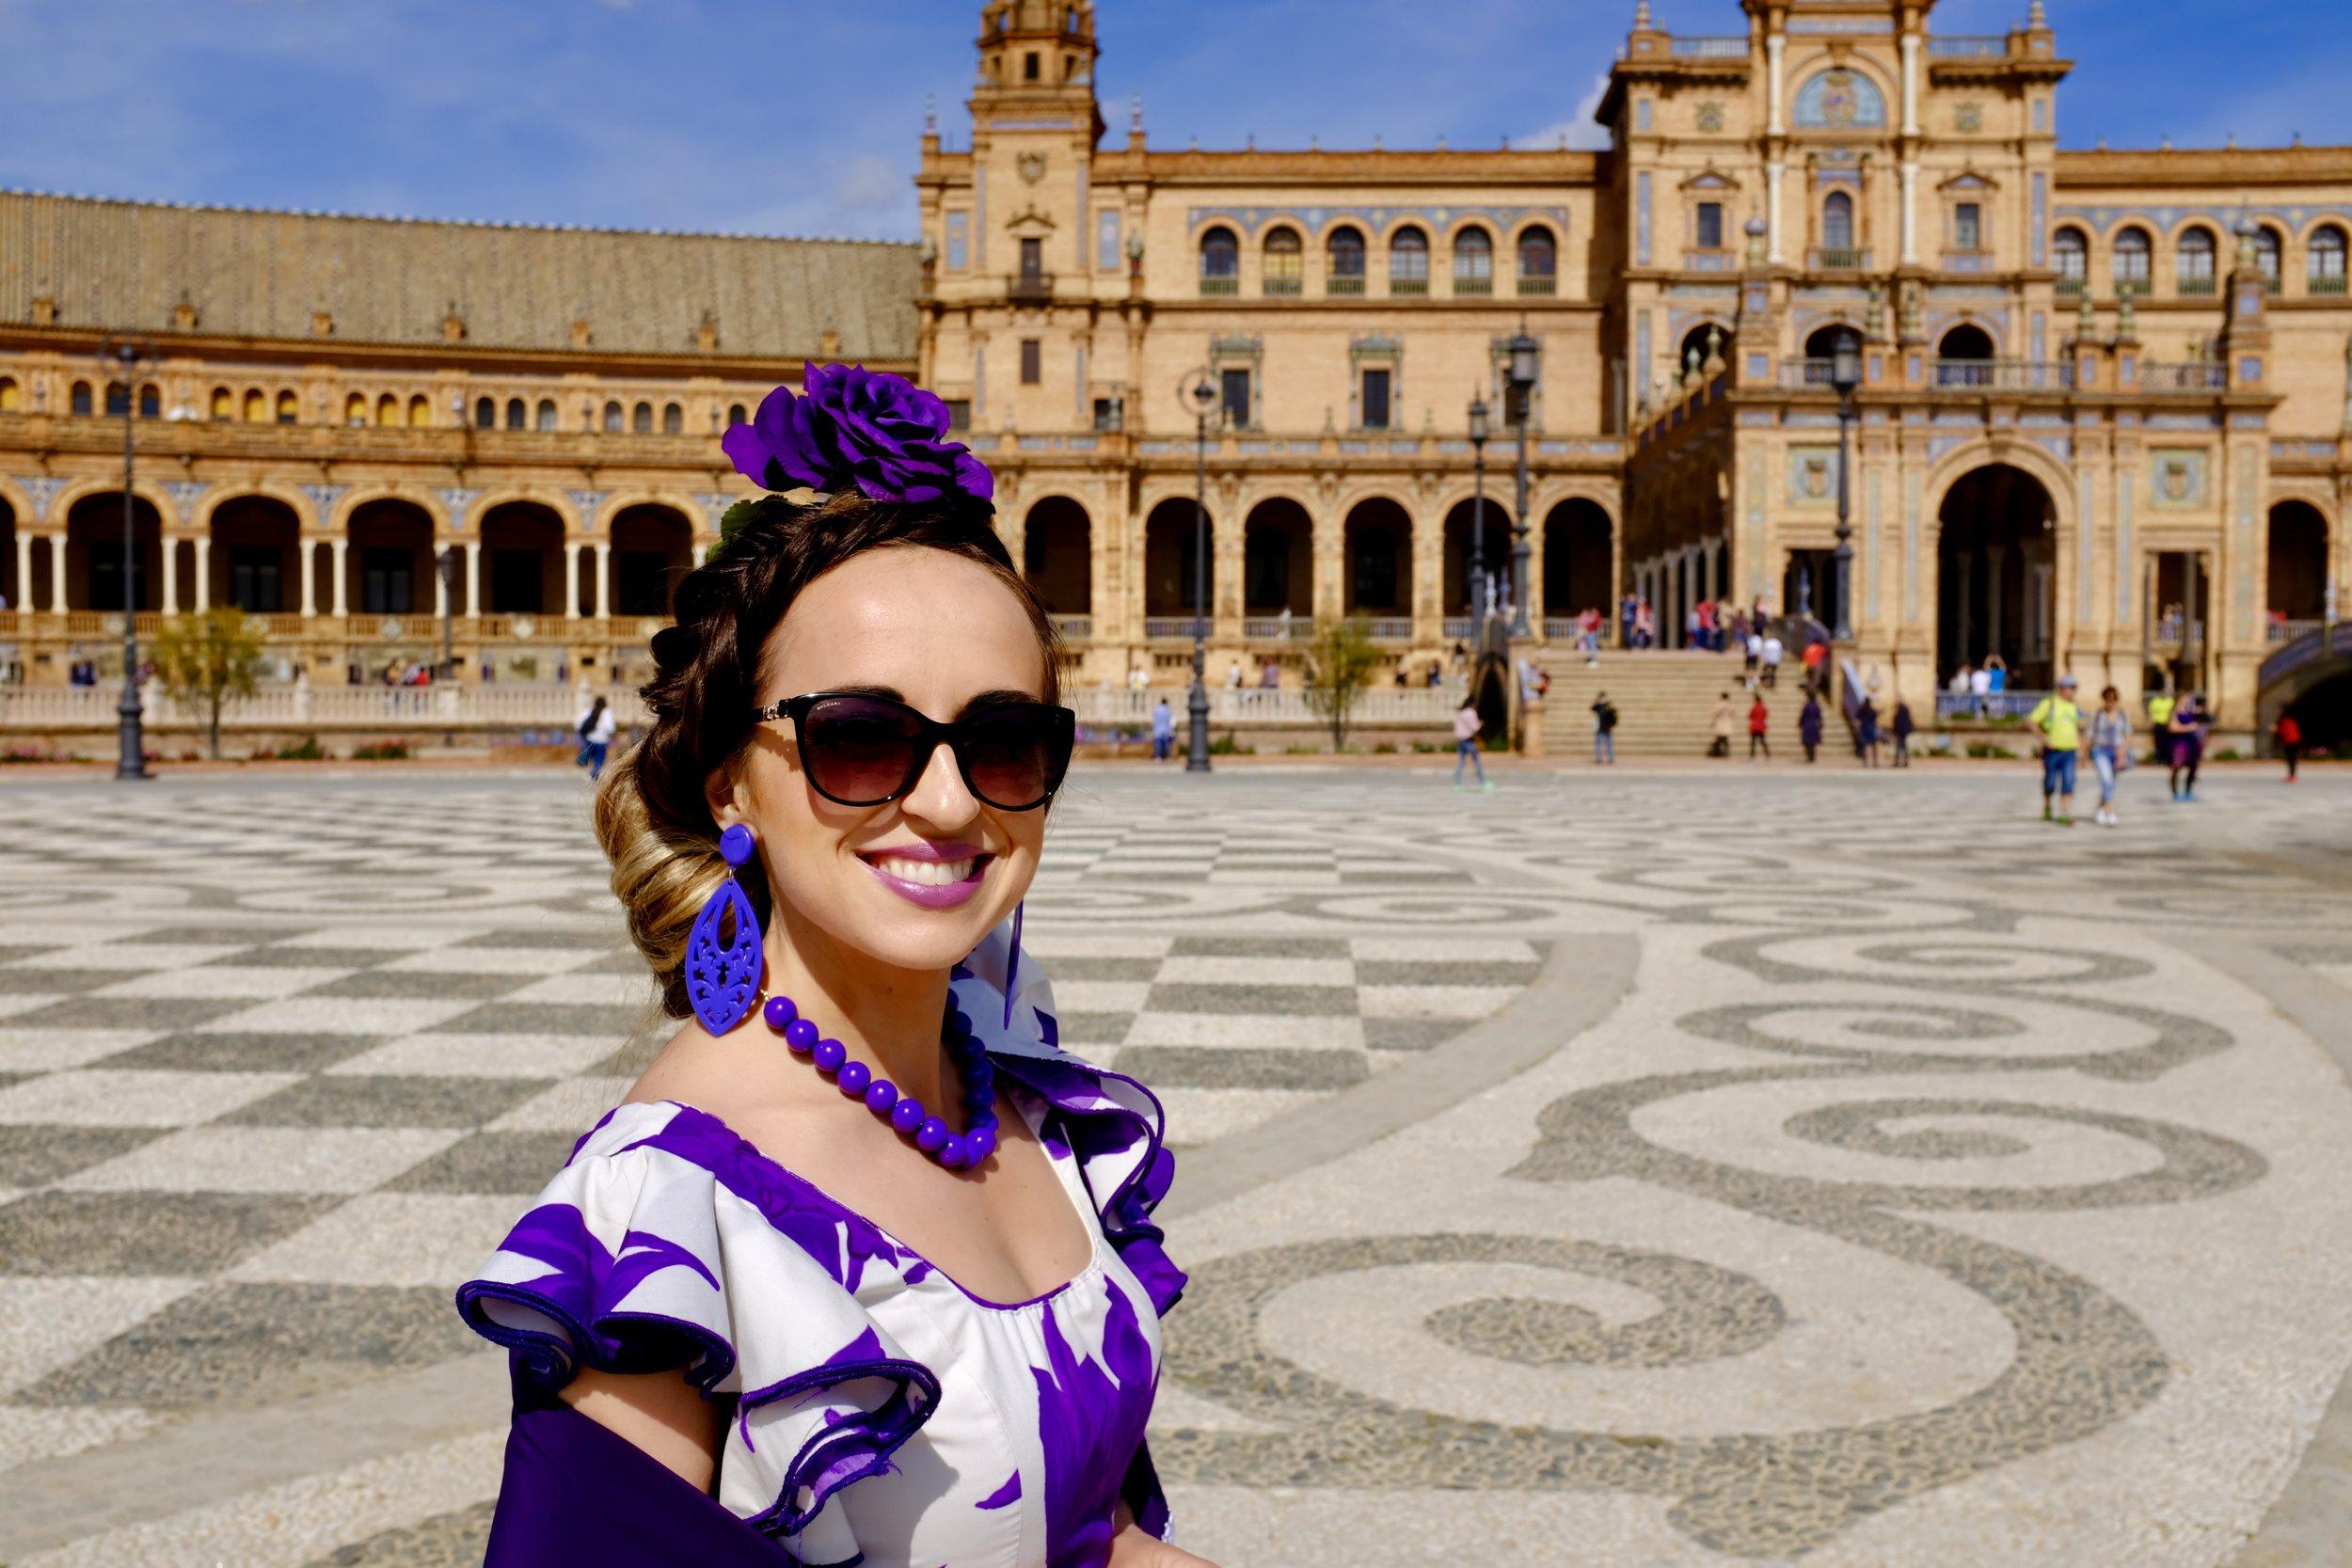 Plaza de España_Feria de Abril_ City Nibbler_Seville